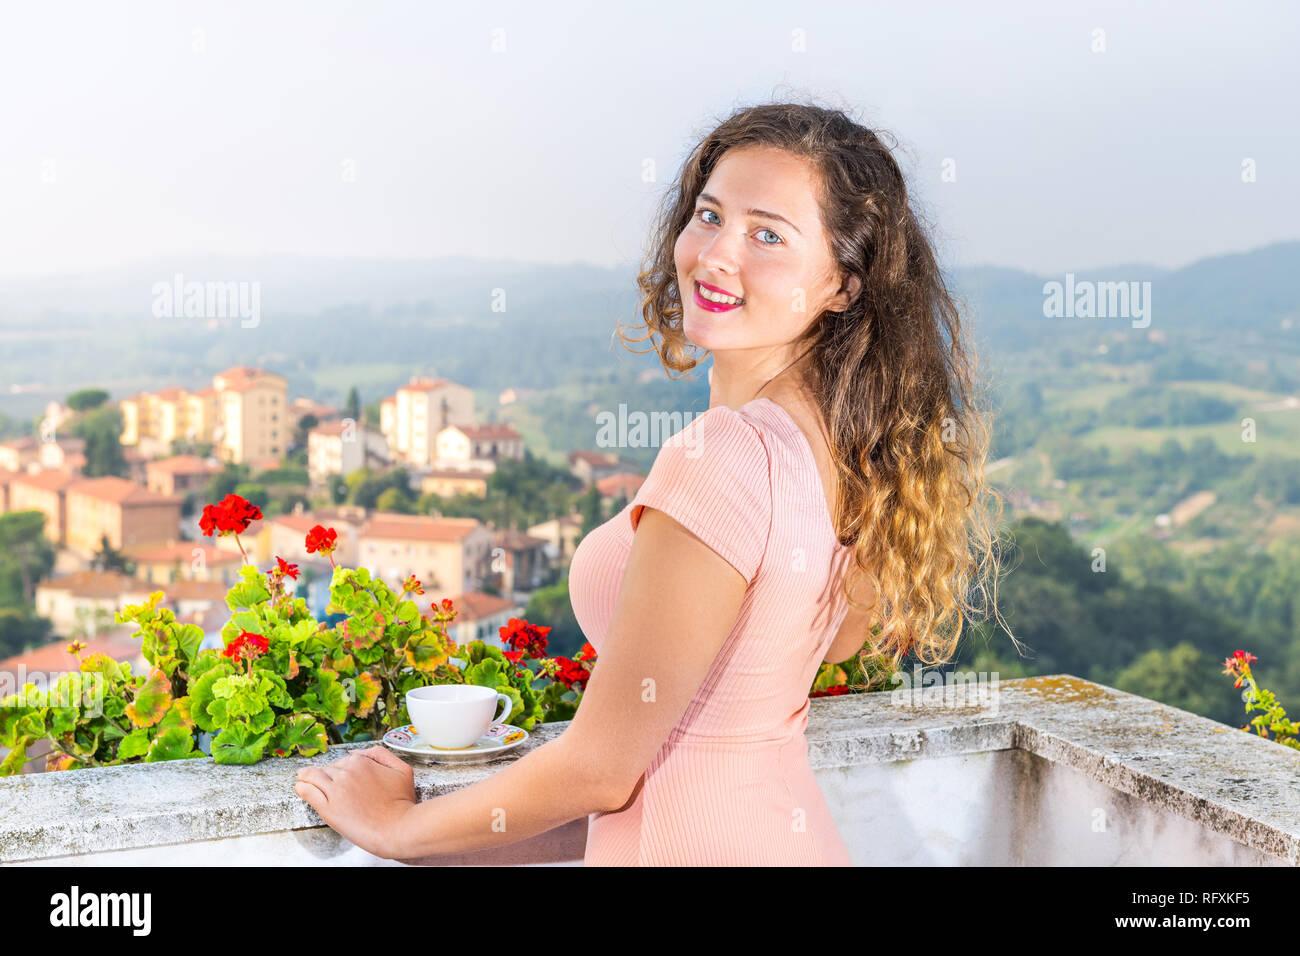 Taza de té café en el balcón terraza de geranio rojo flores fuera de Italia con vistas al paisaje urbano de Chiusi colinas de Toscana y Umbría cerca youn Foto de stock